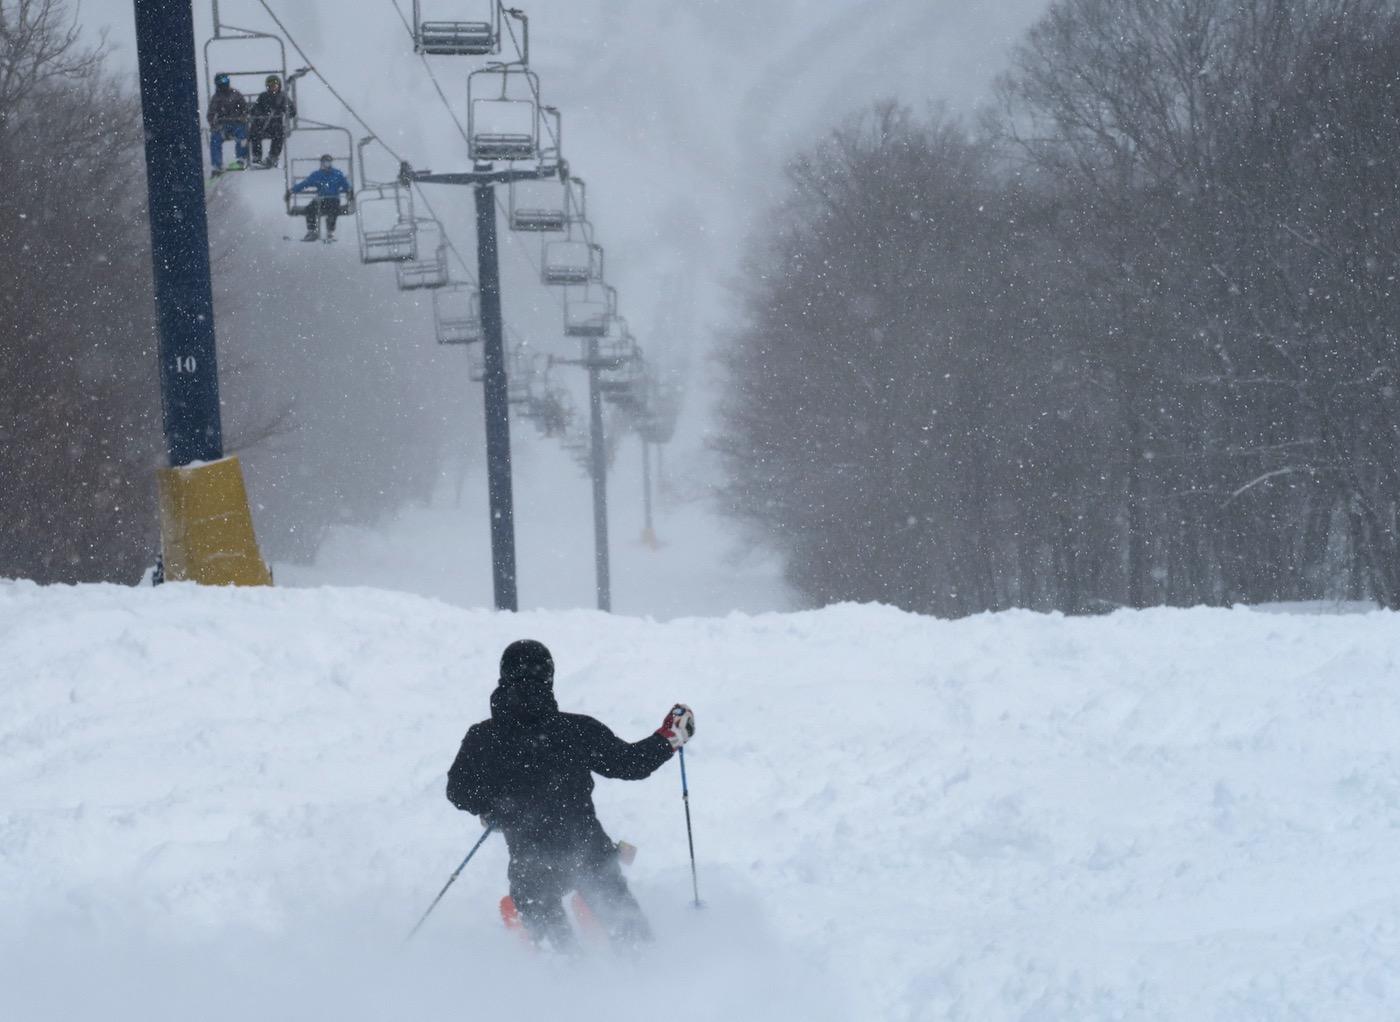 skier on Plunge